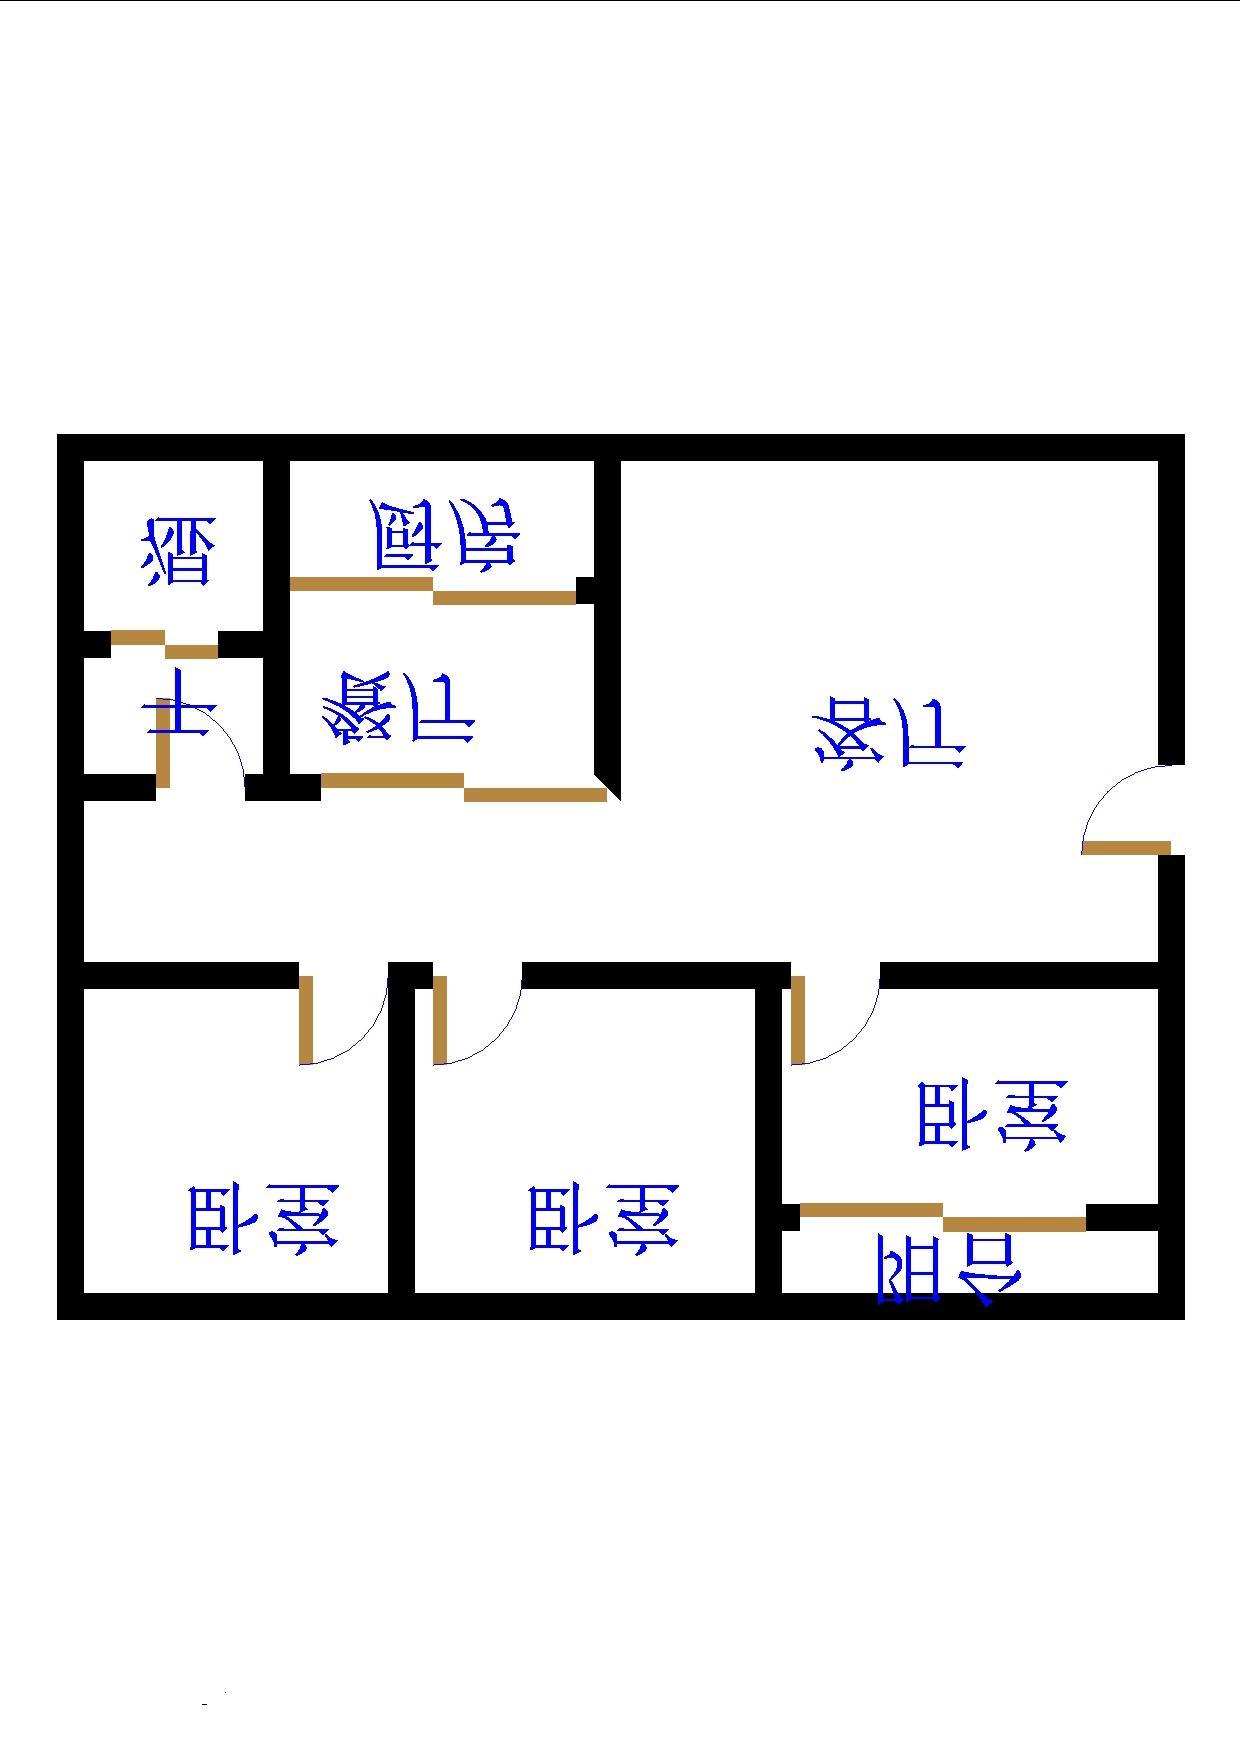 化工宿舍 3室2厅 双证齐全过五年 简装 50万